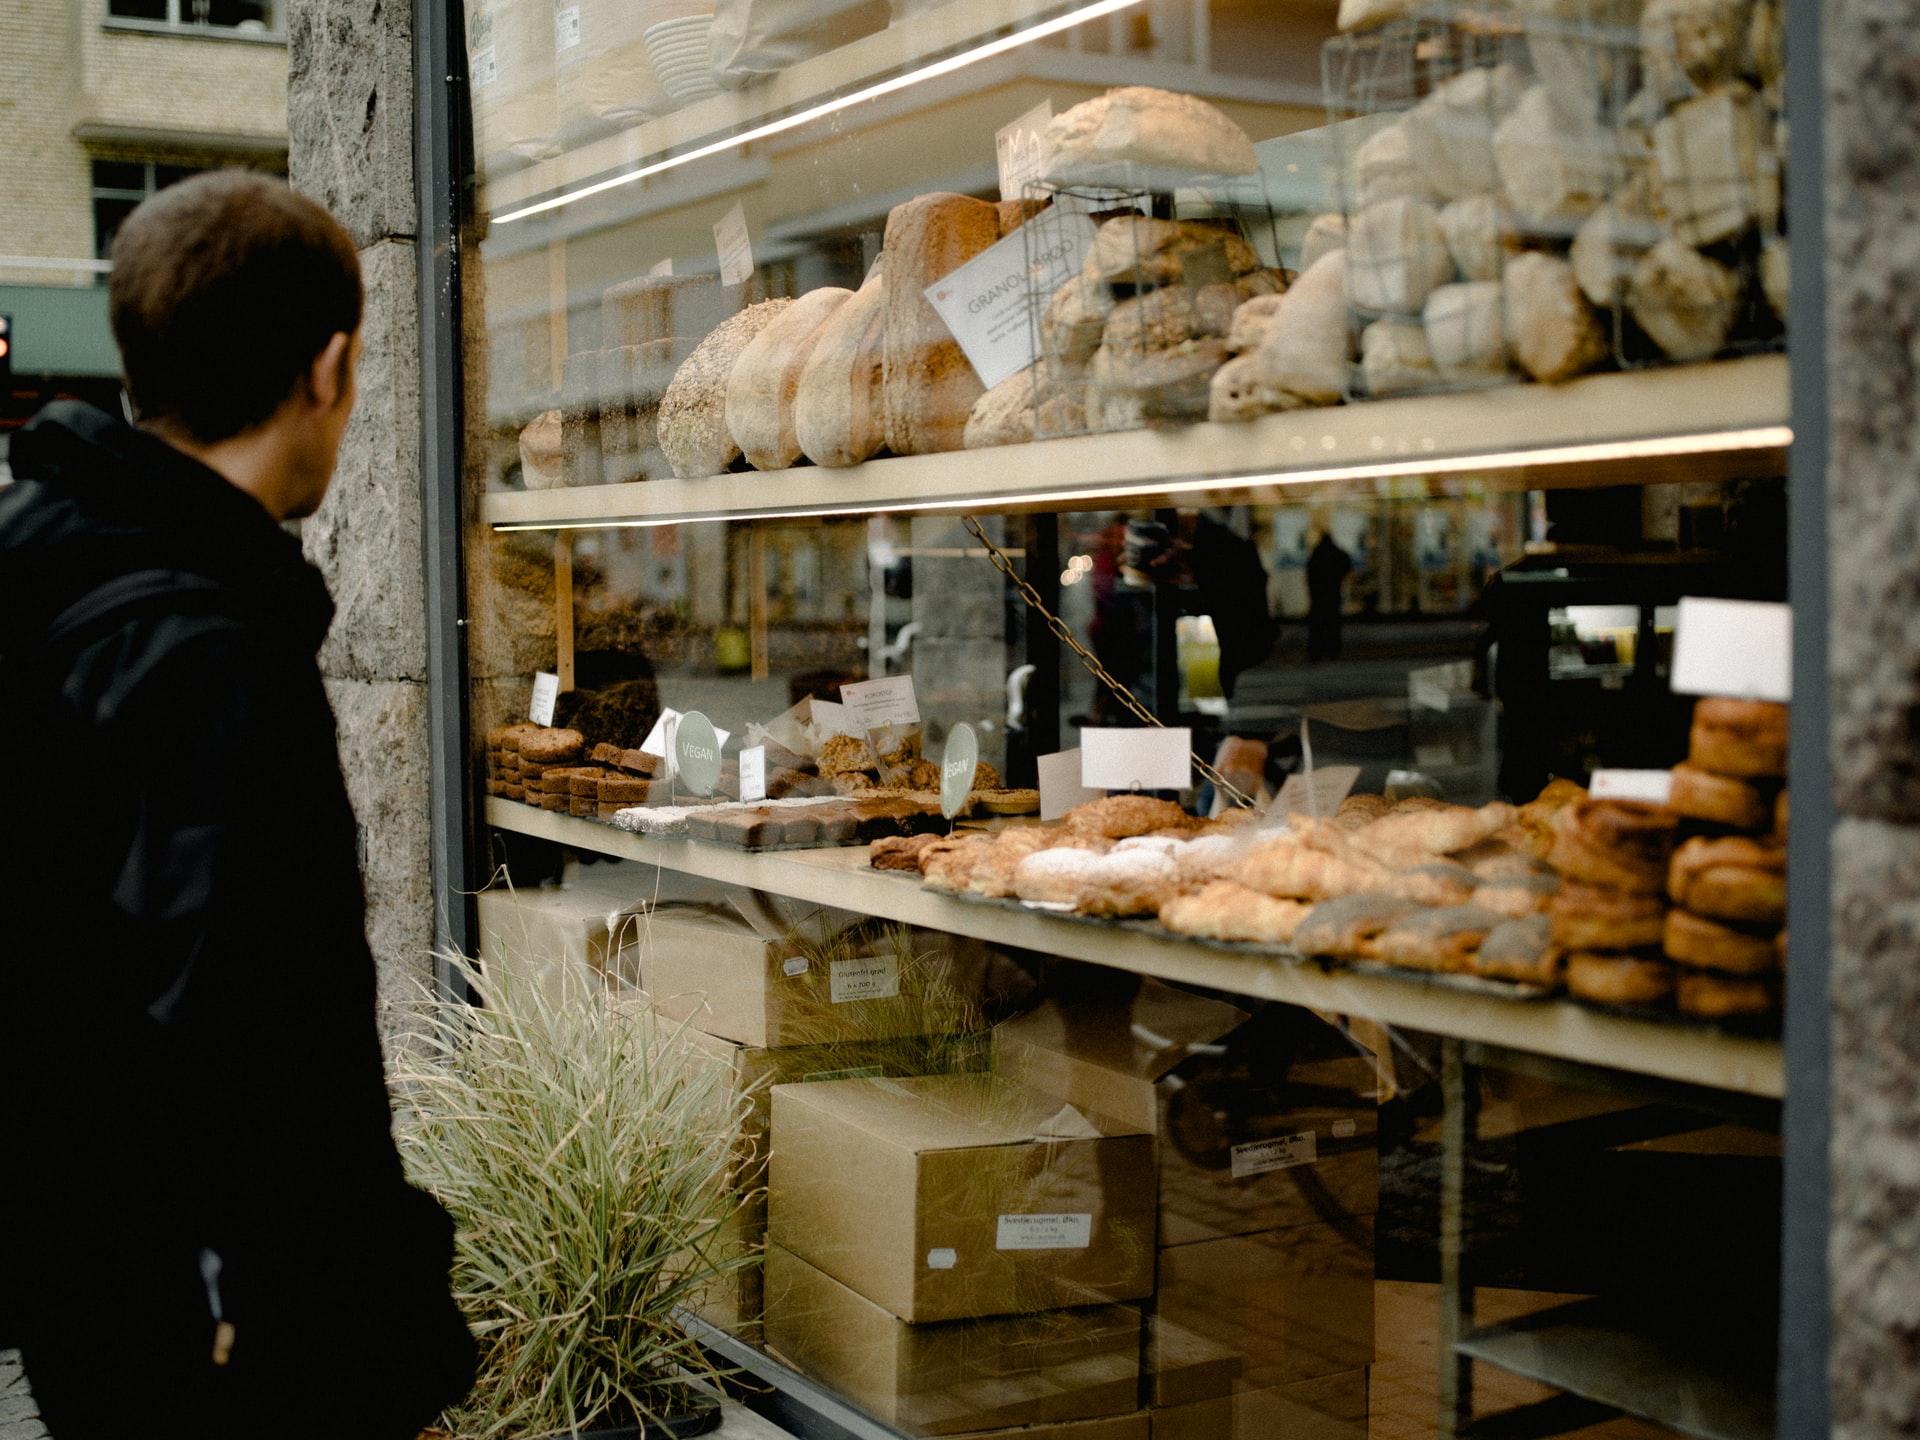 Mobiliario comercial y restaurantes de alimentación orgánica